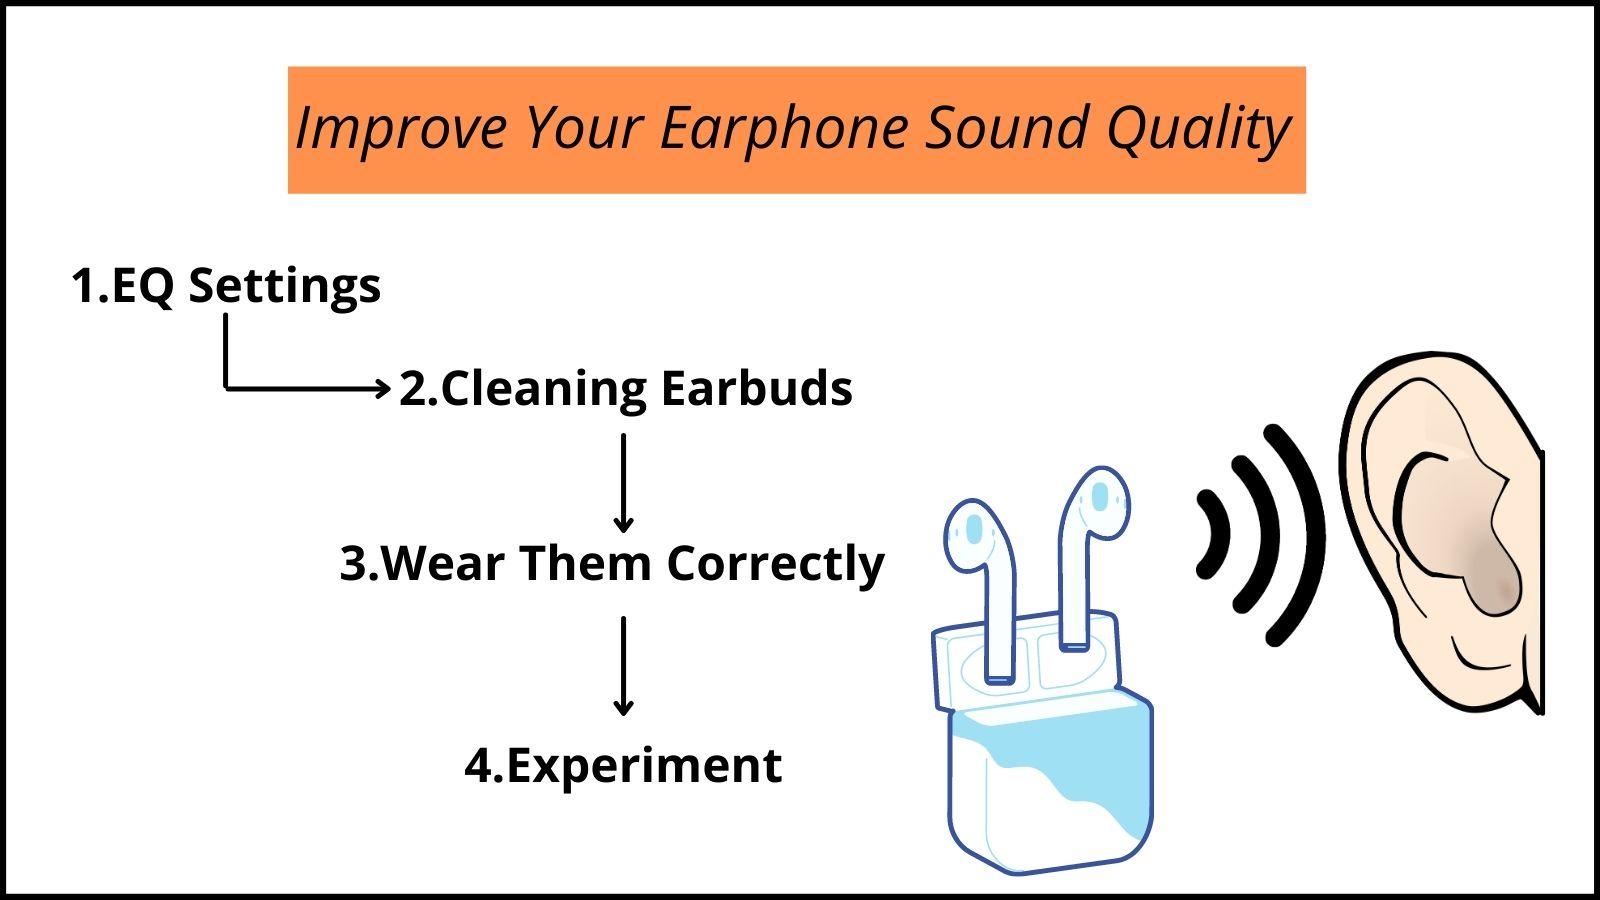 Earphone Sounds